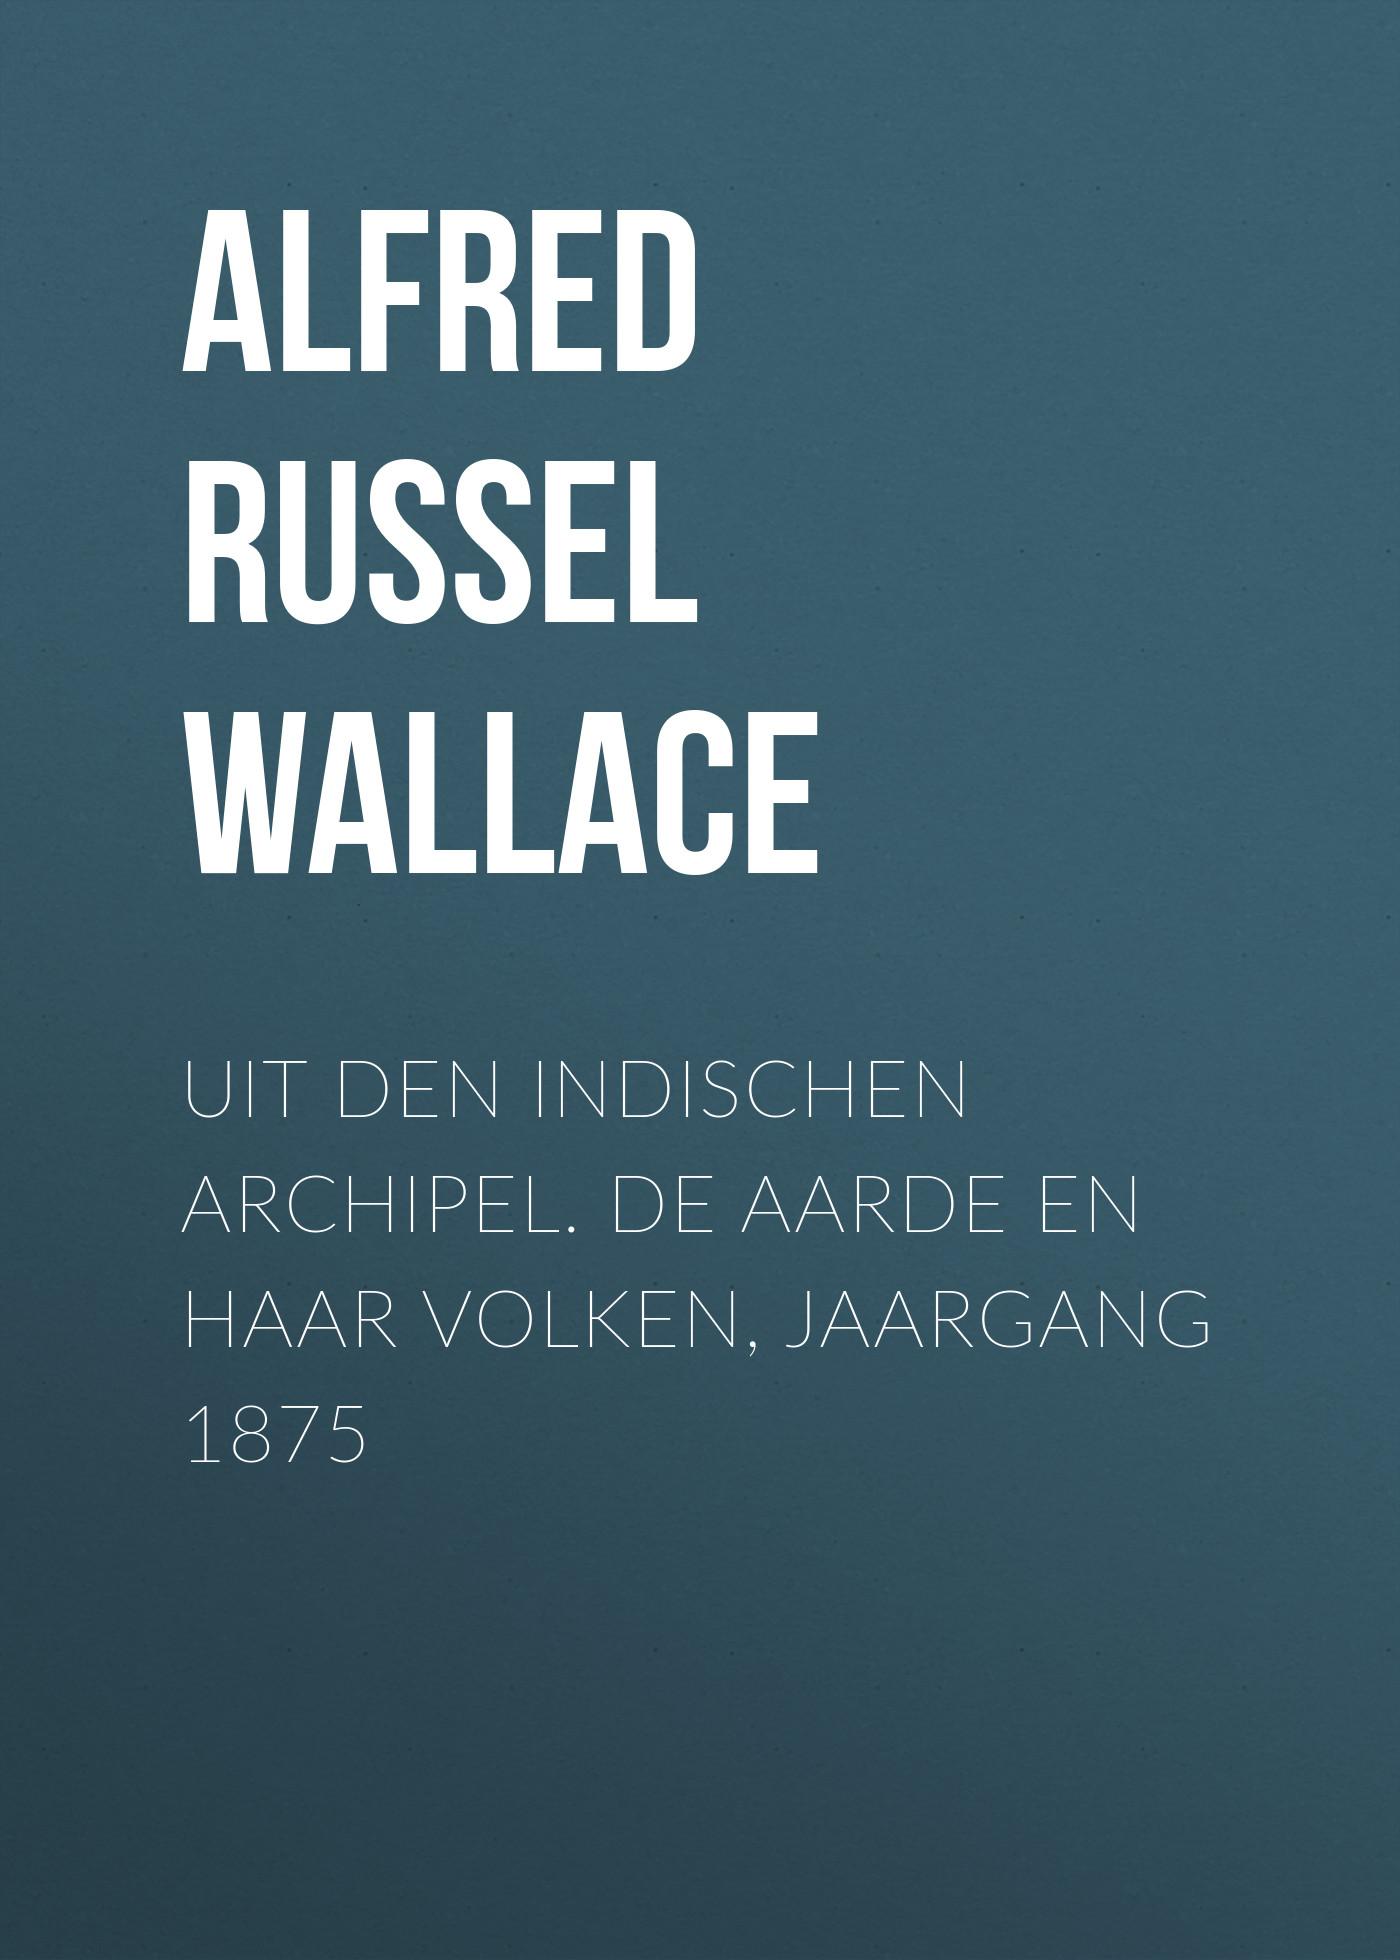 Alfred Russel Wallace Uit den Indischen Archipel. De Aarde en haar volken, Jaargang 1875 alfred russel wallace der malayische archipel